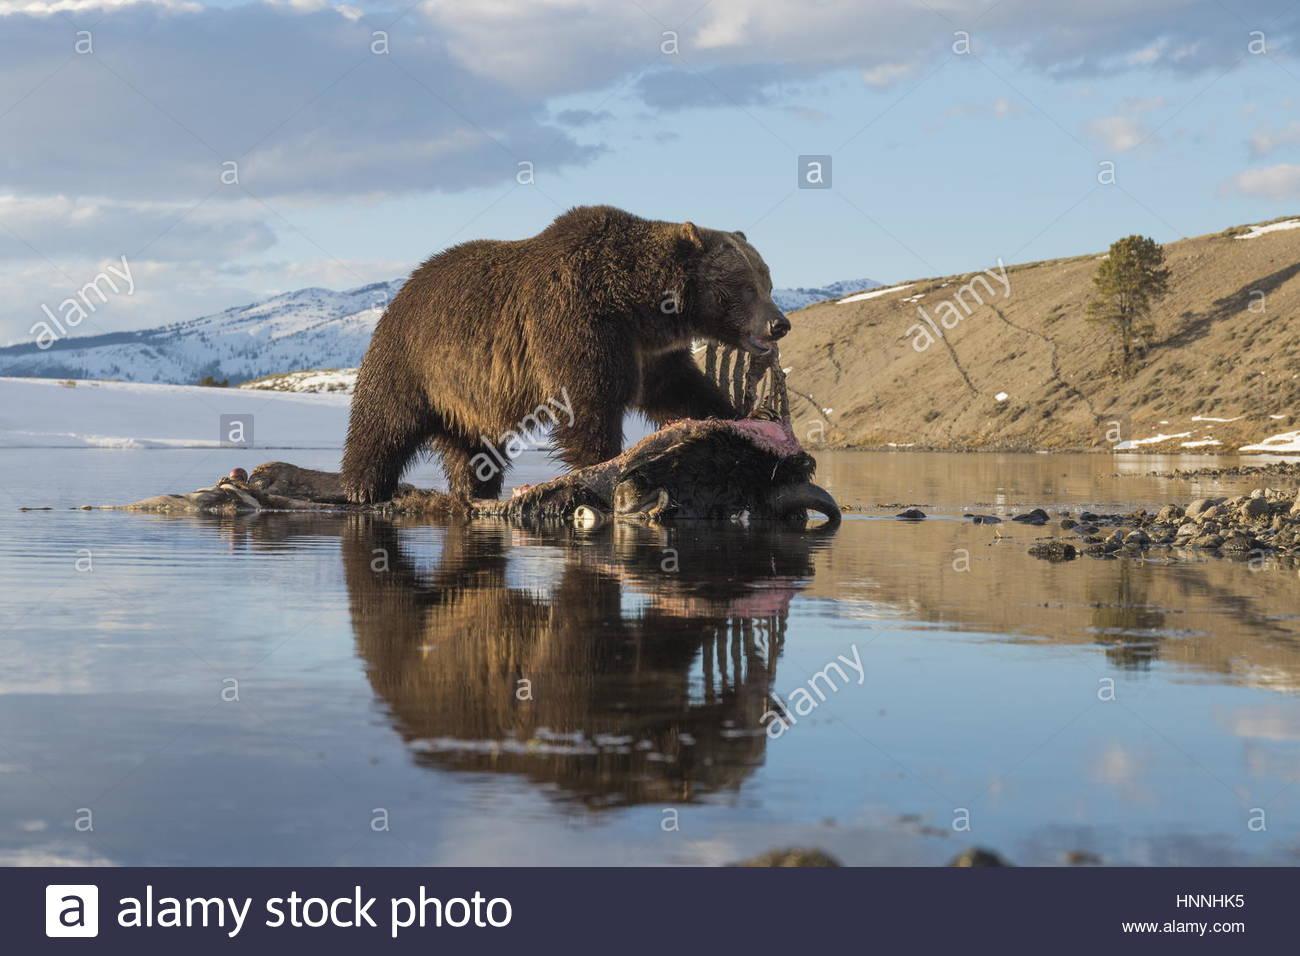 Eine Kamera-Falle fängt ein Grizzlybär Fütterung auf einen Ertrunkenen Bison. Stockbild